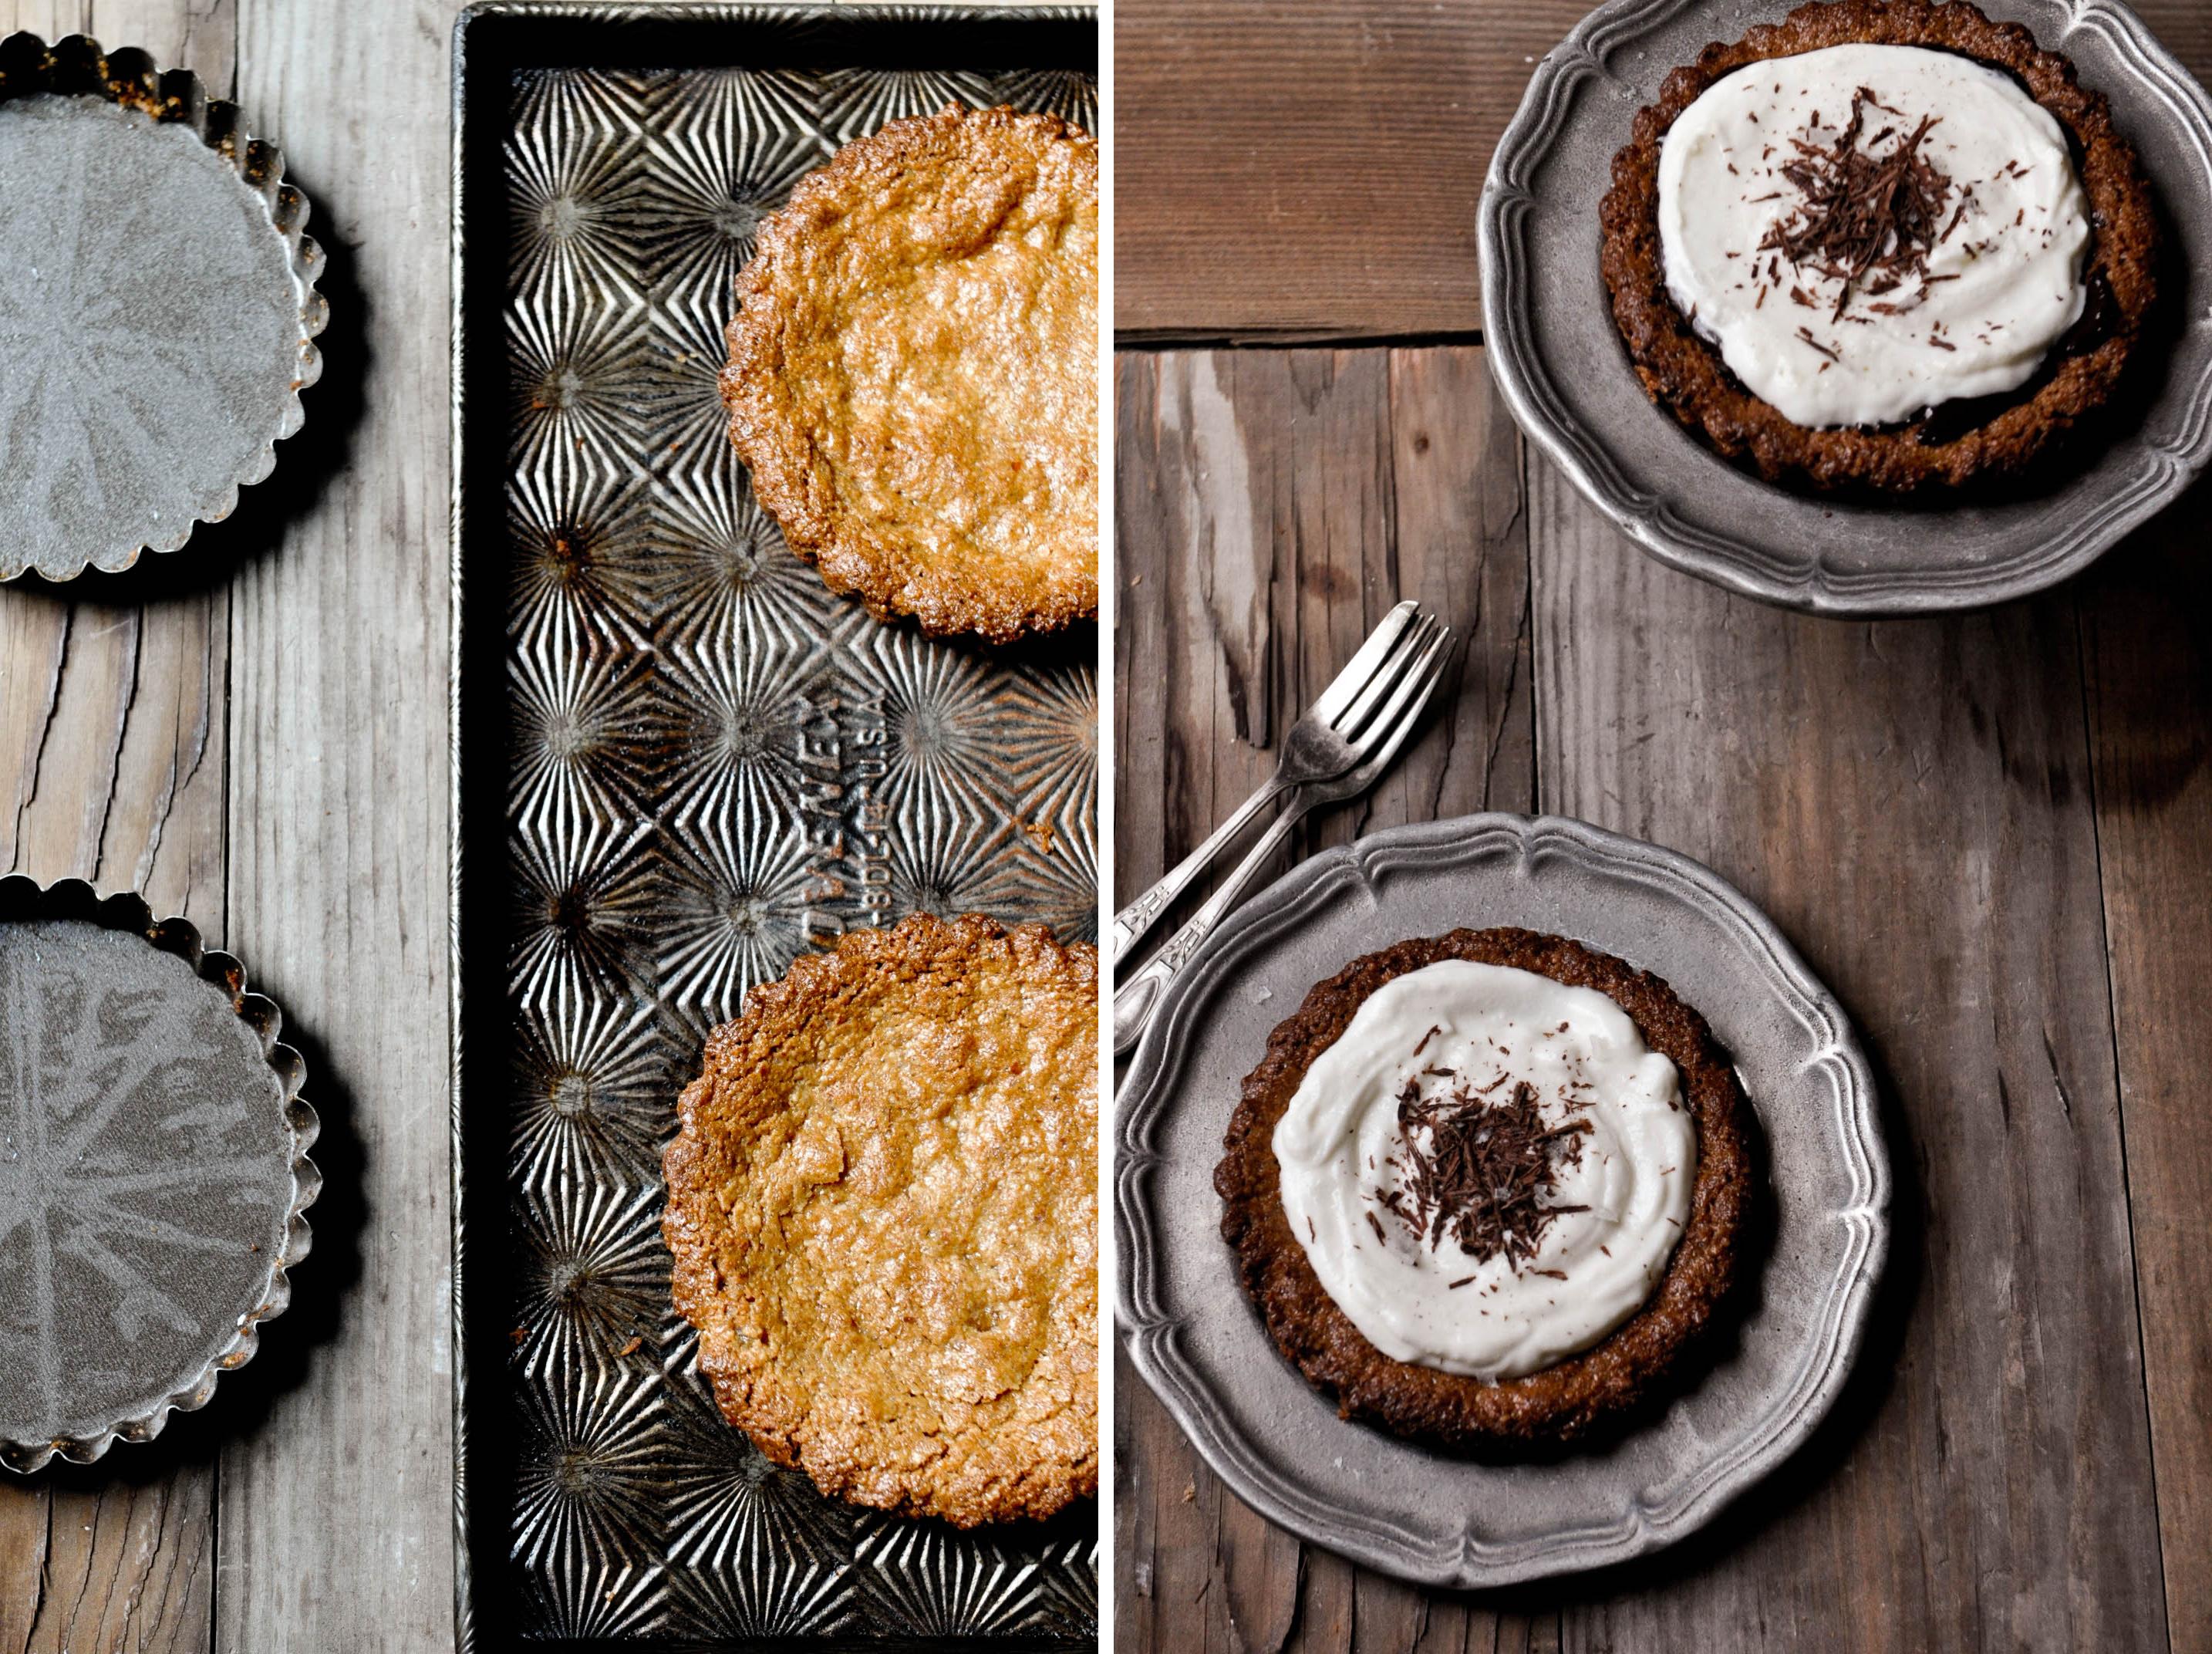 Torte Collage